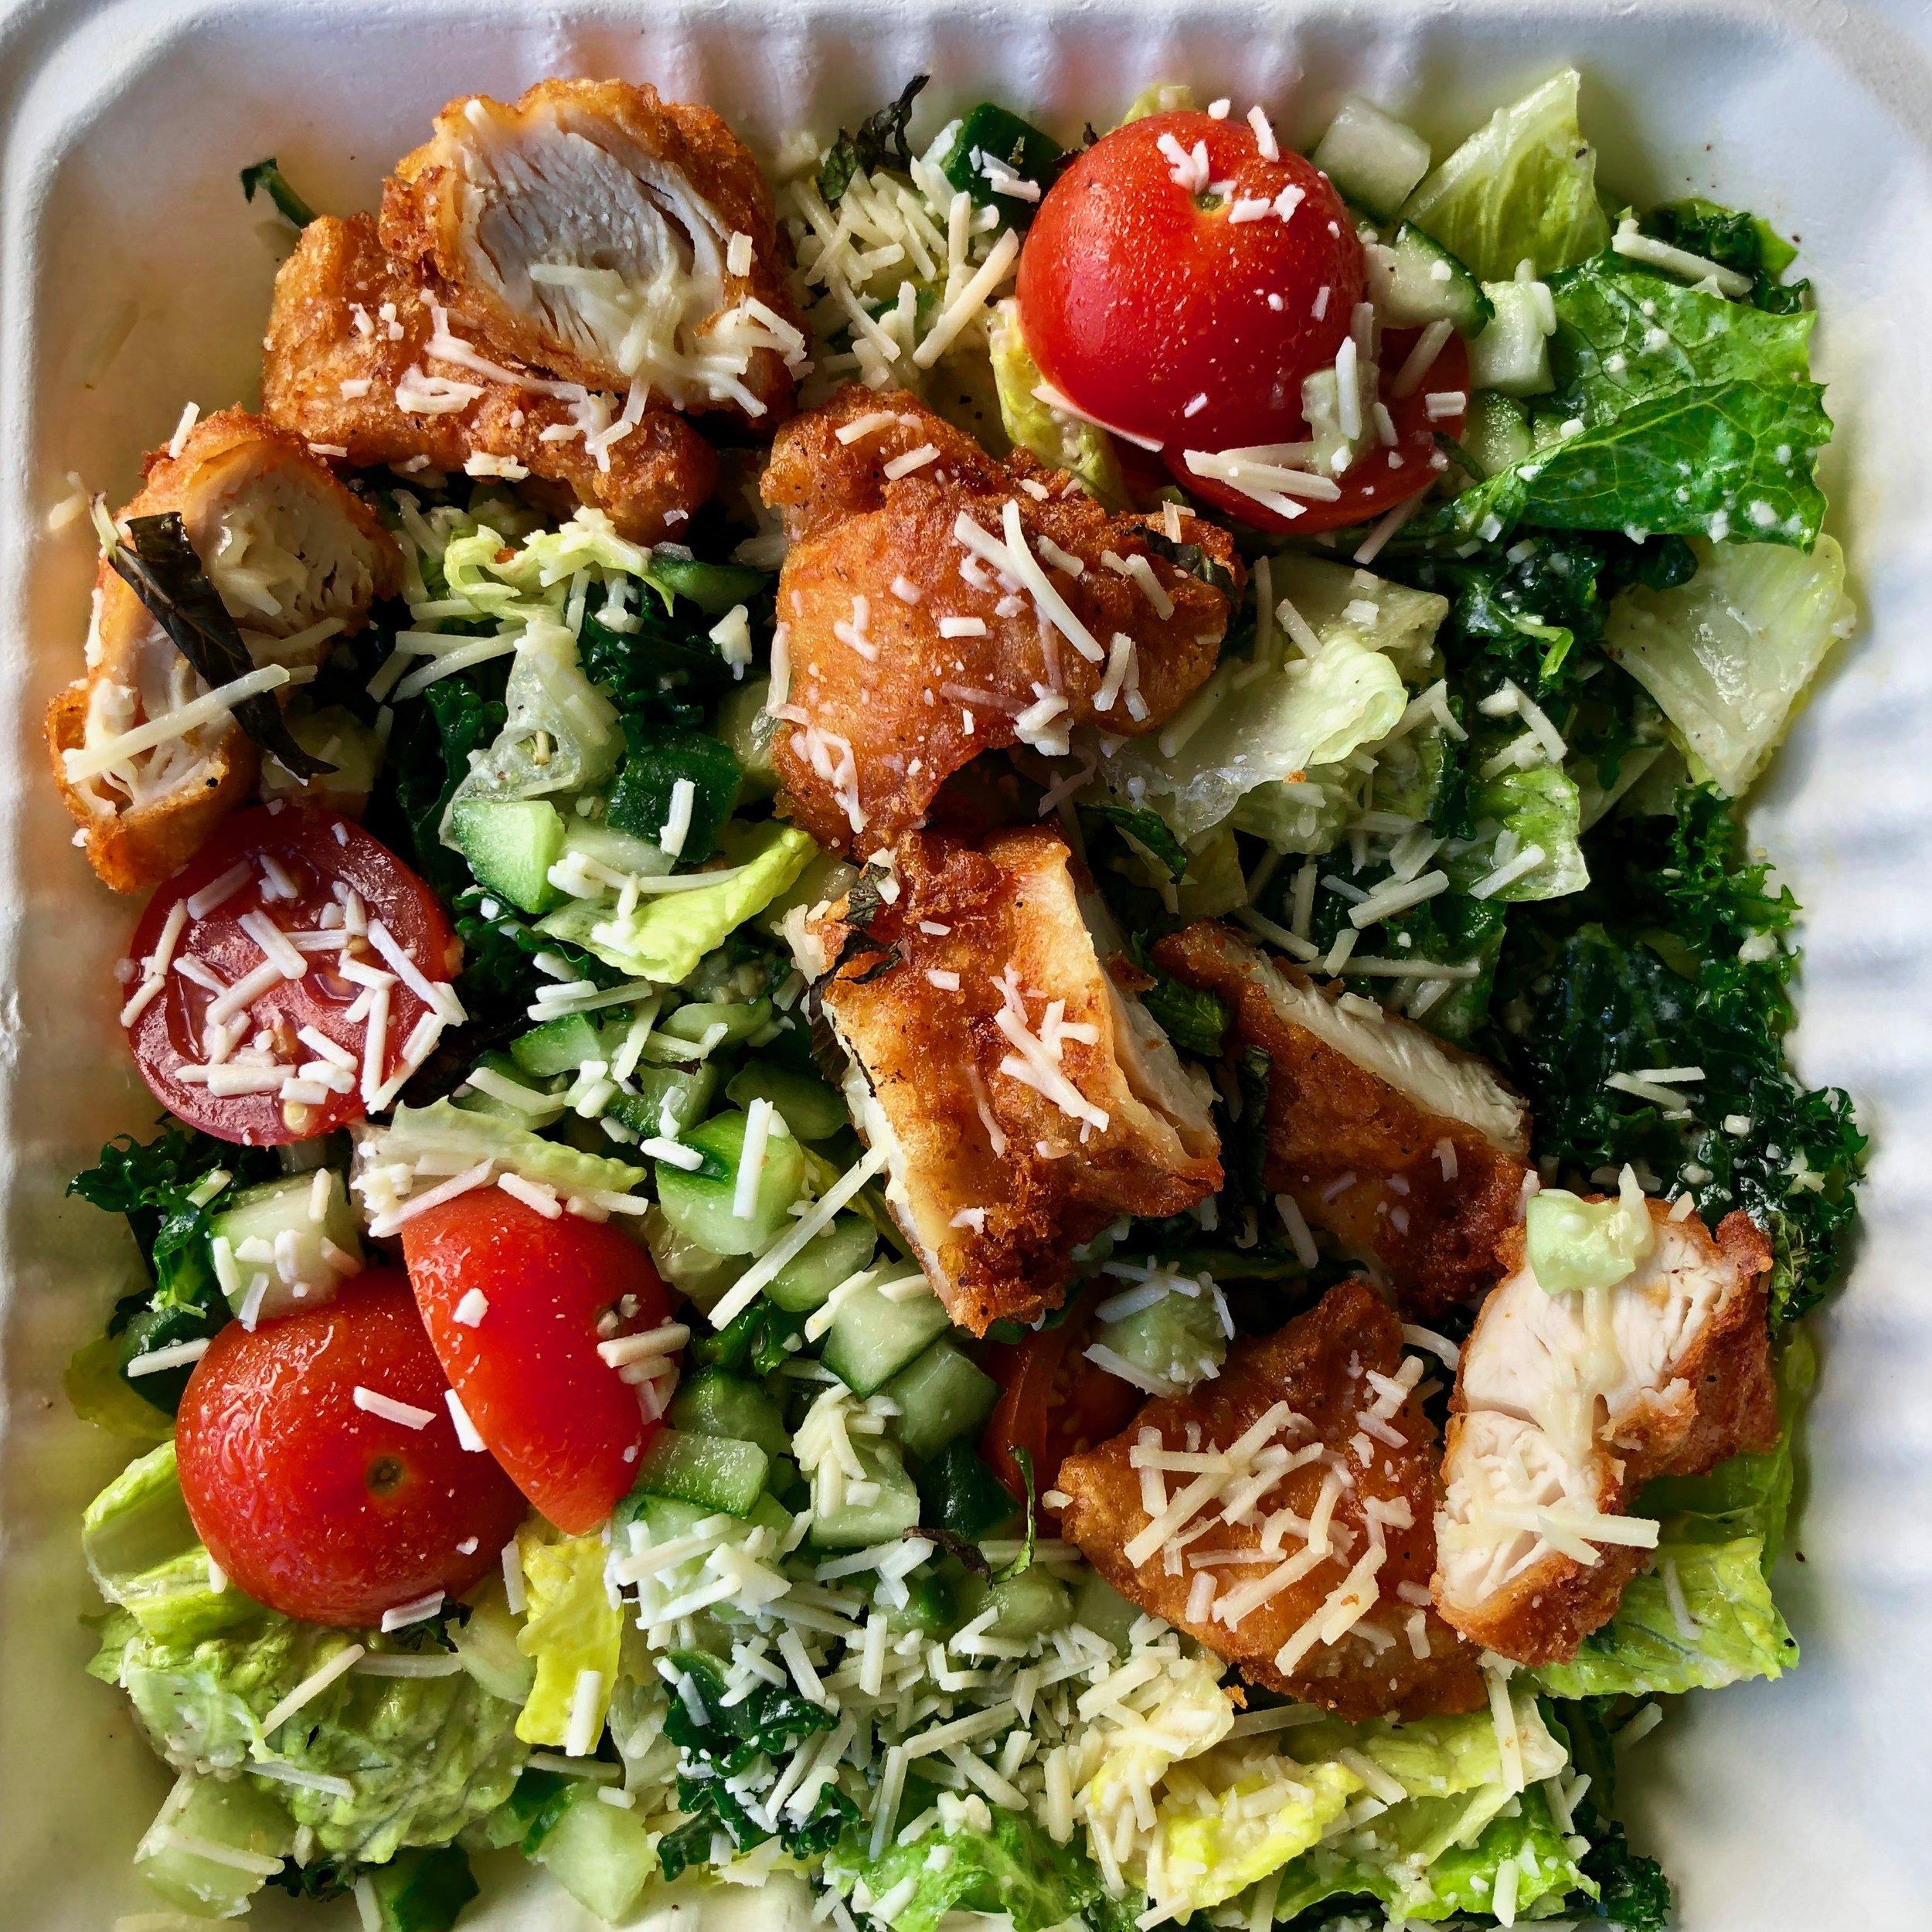 fried chicken salad $11.75